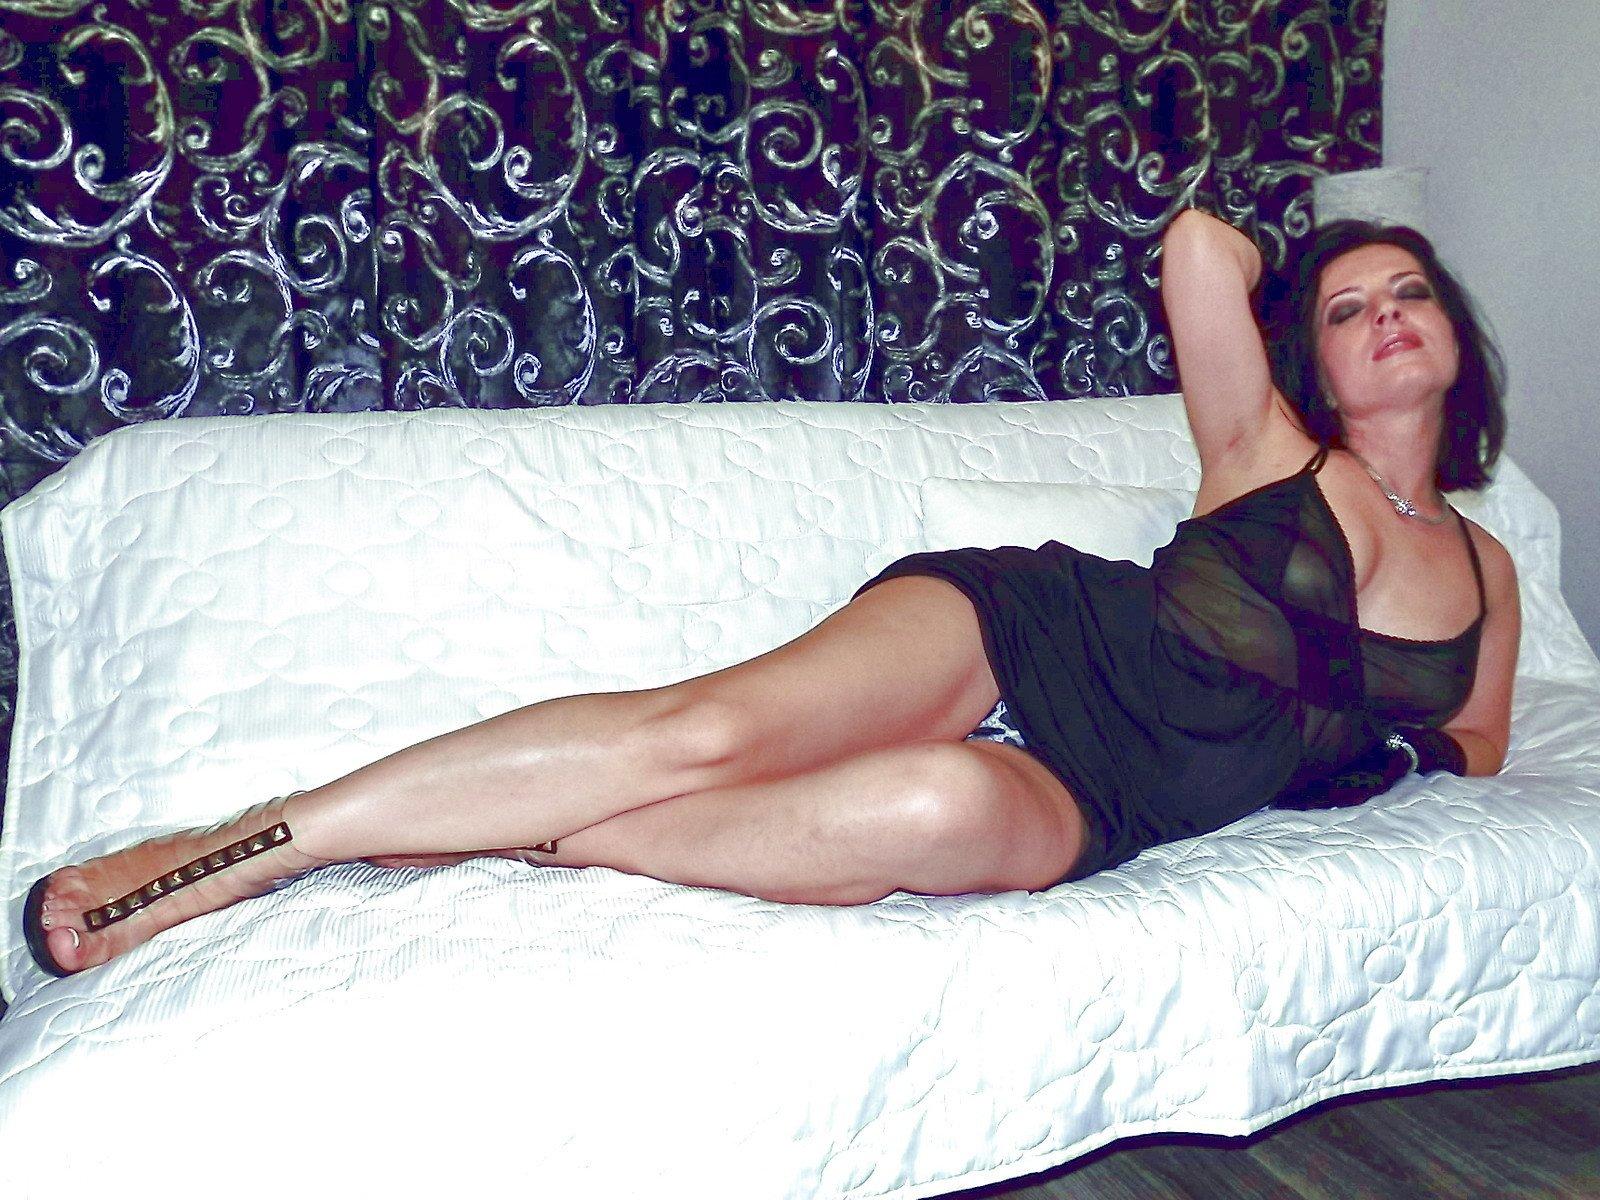 секс грузинки фото она играет